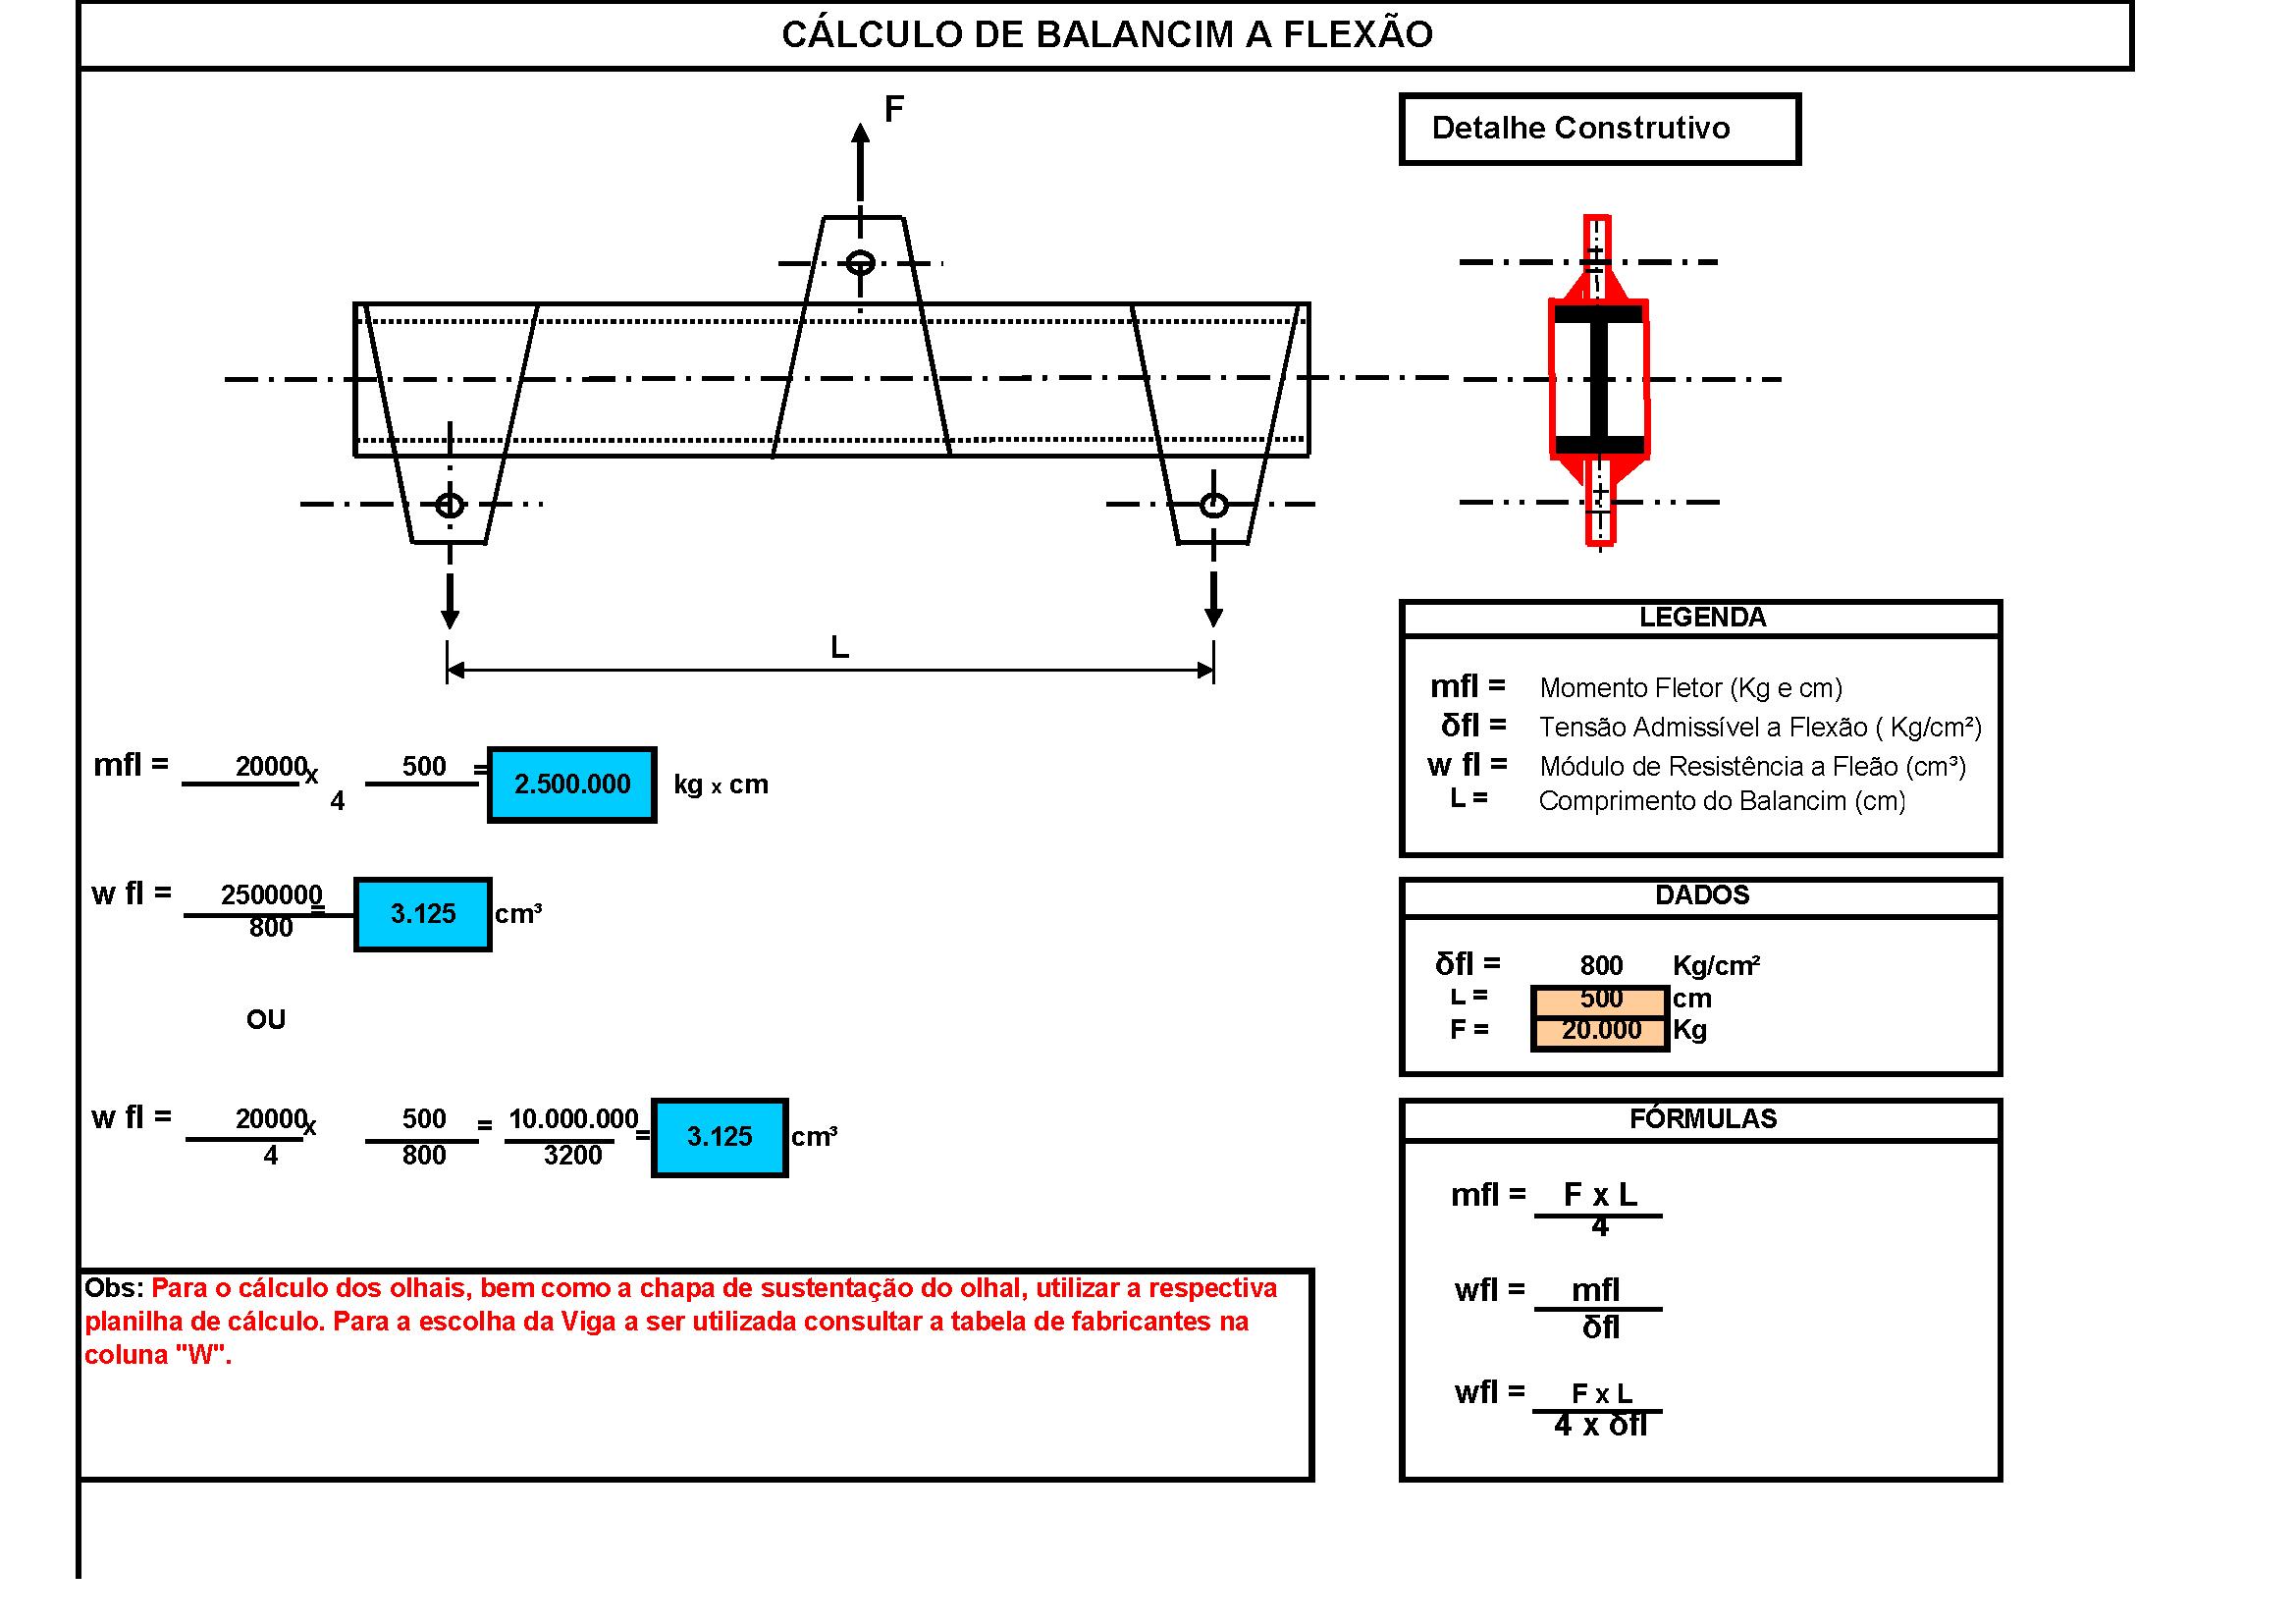 Planilhas de Calculo N2: Cálculo de Balancim a Flexão